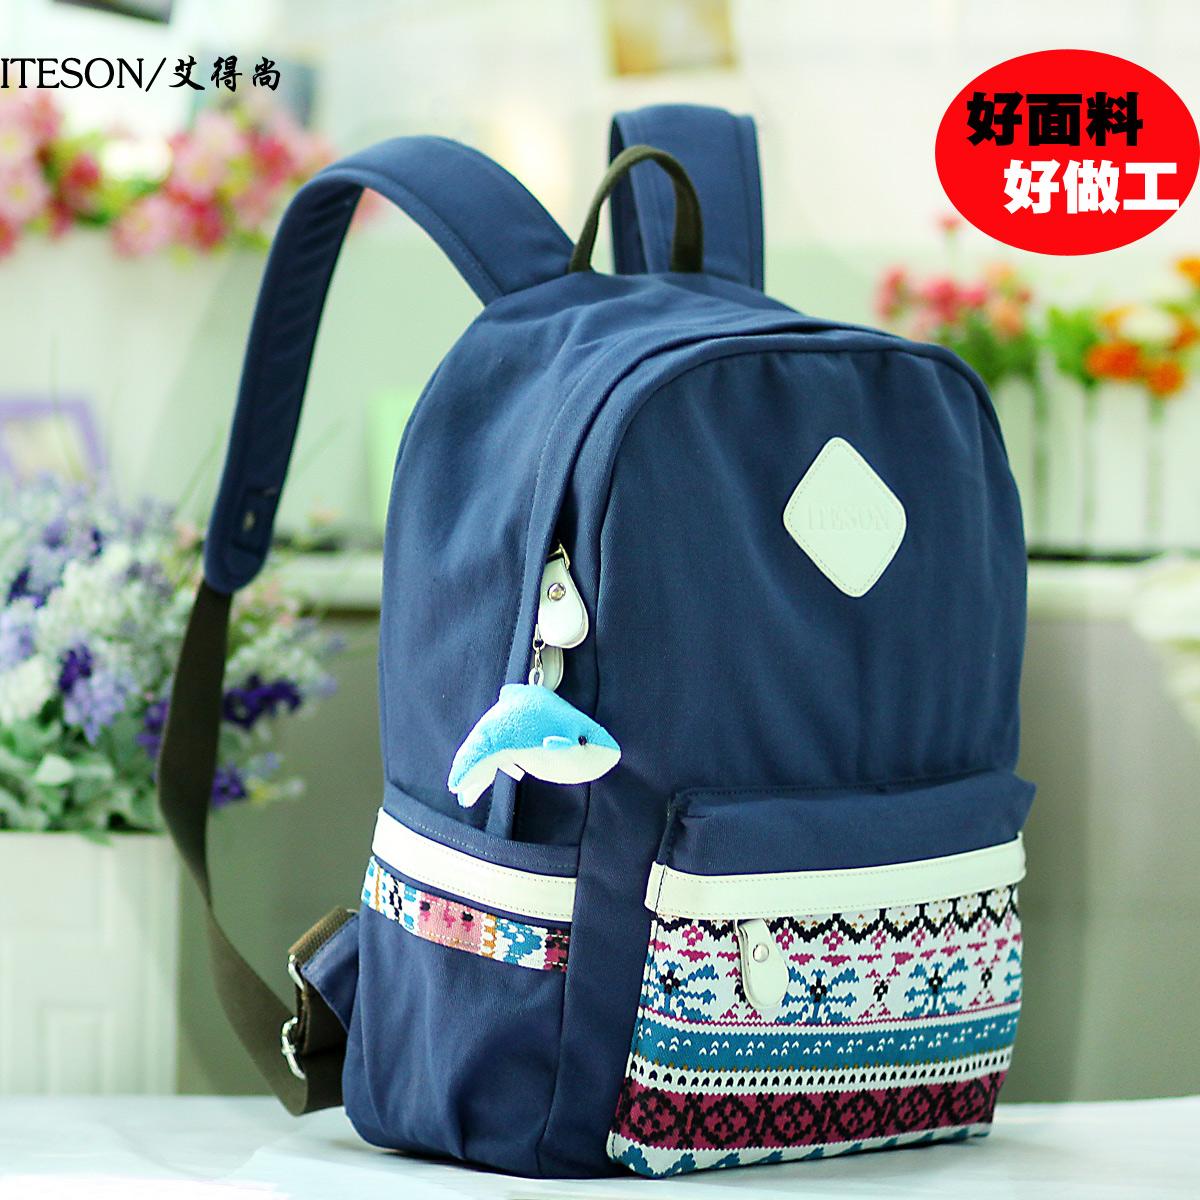 艾得尚 新品首发 韩版学院风中学生书包双肩帆布包女生休闲背包